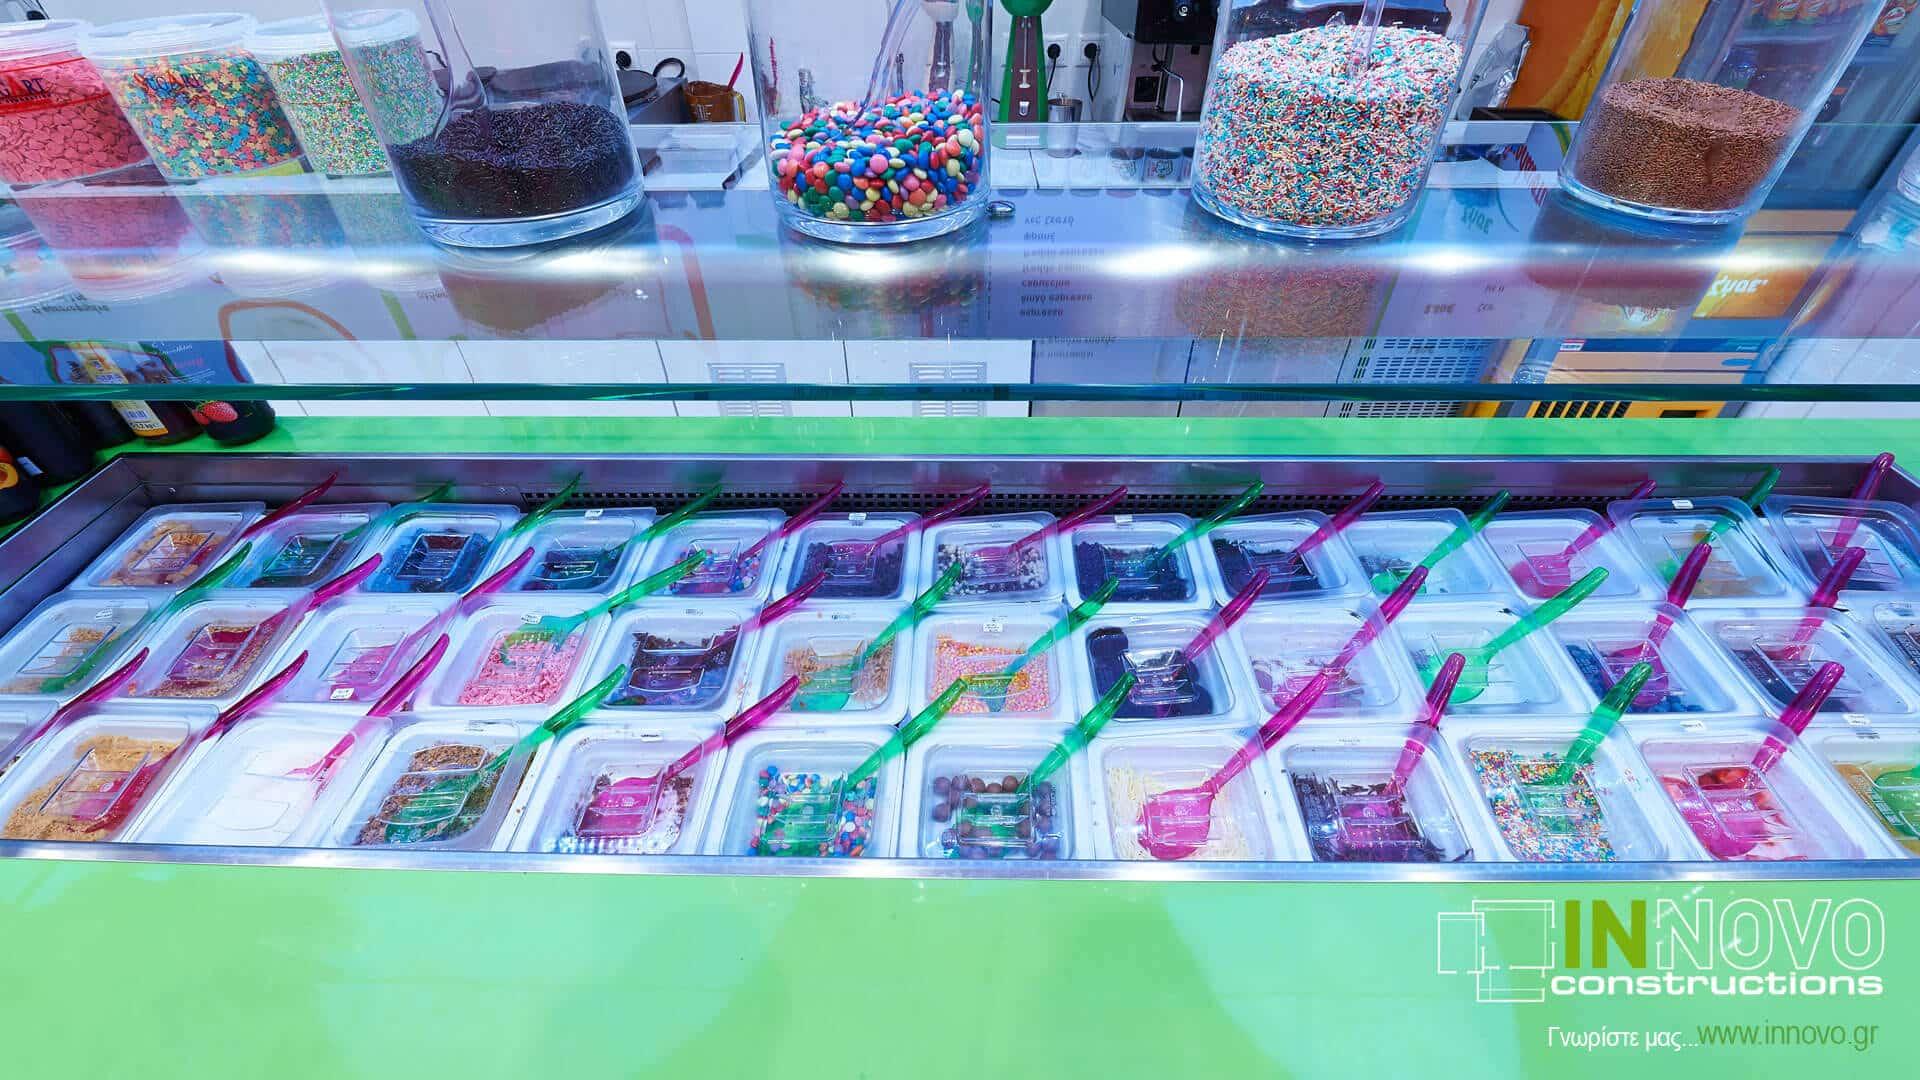 anakainisi-pagota-icecream-store-renovation-pagota-aigaleo-1569-2